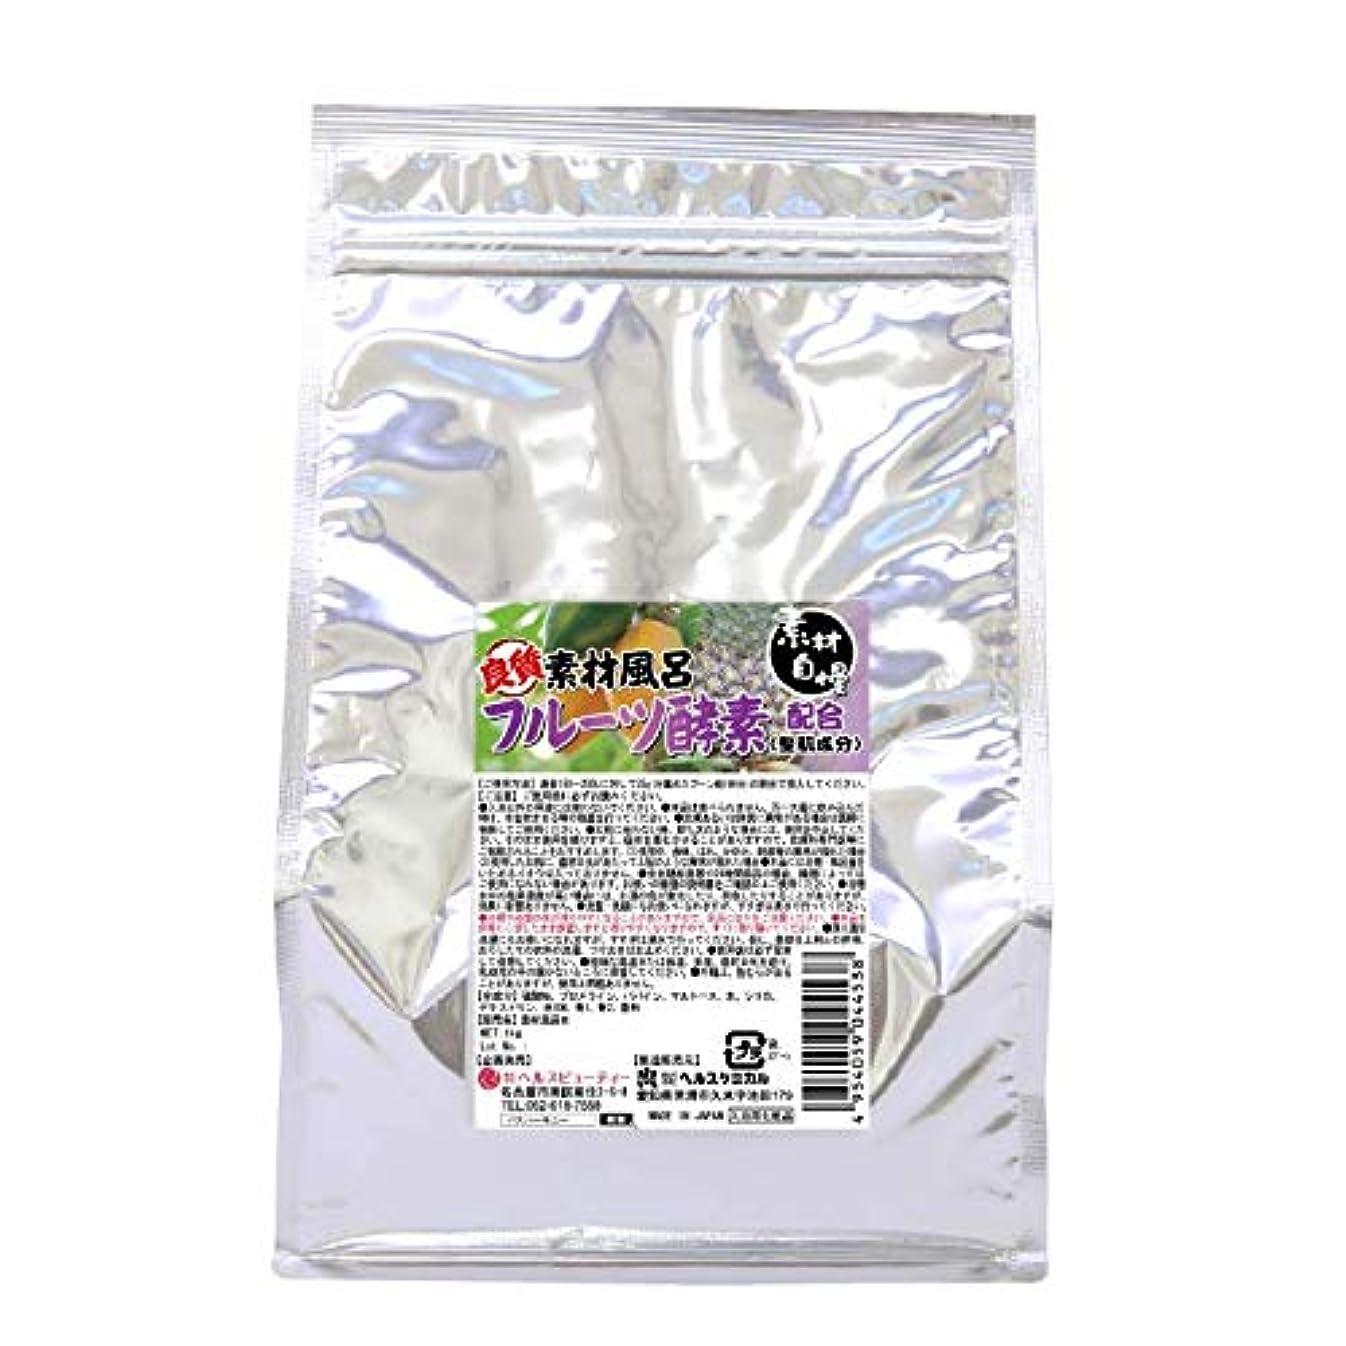 アジア人ジャンプするウェーハ入浴剤 湯匠仕込 フルーツ酵素配合 1kg 50回分 お徳用